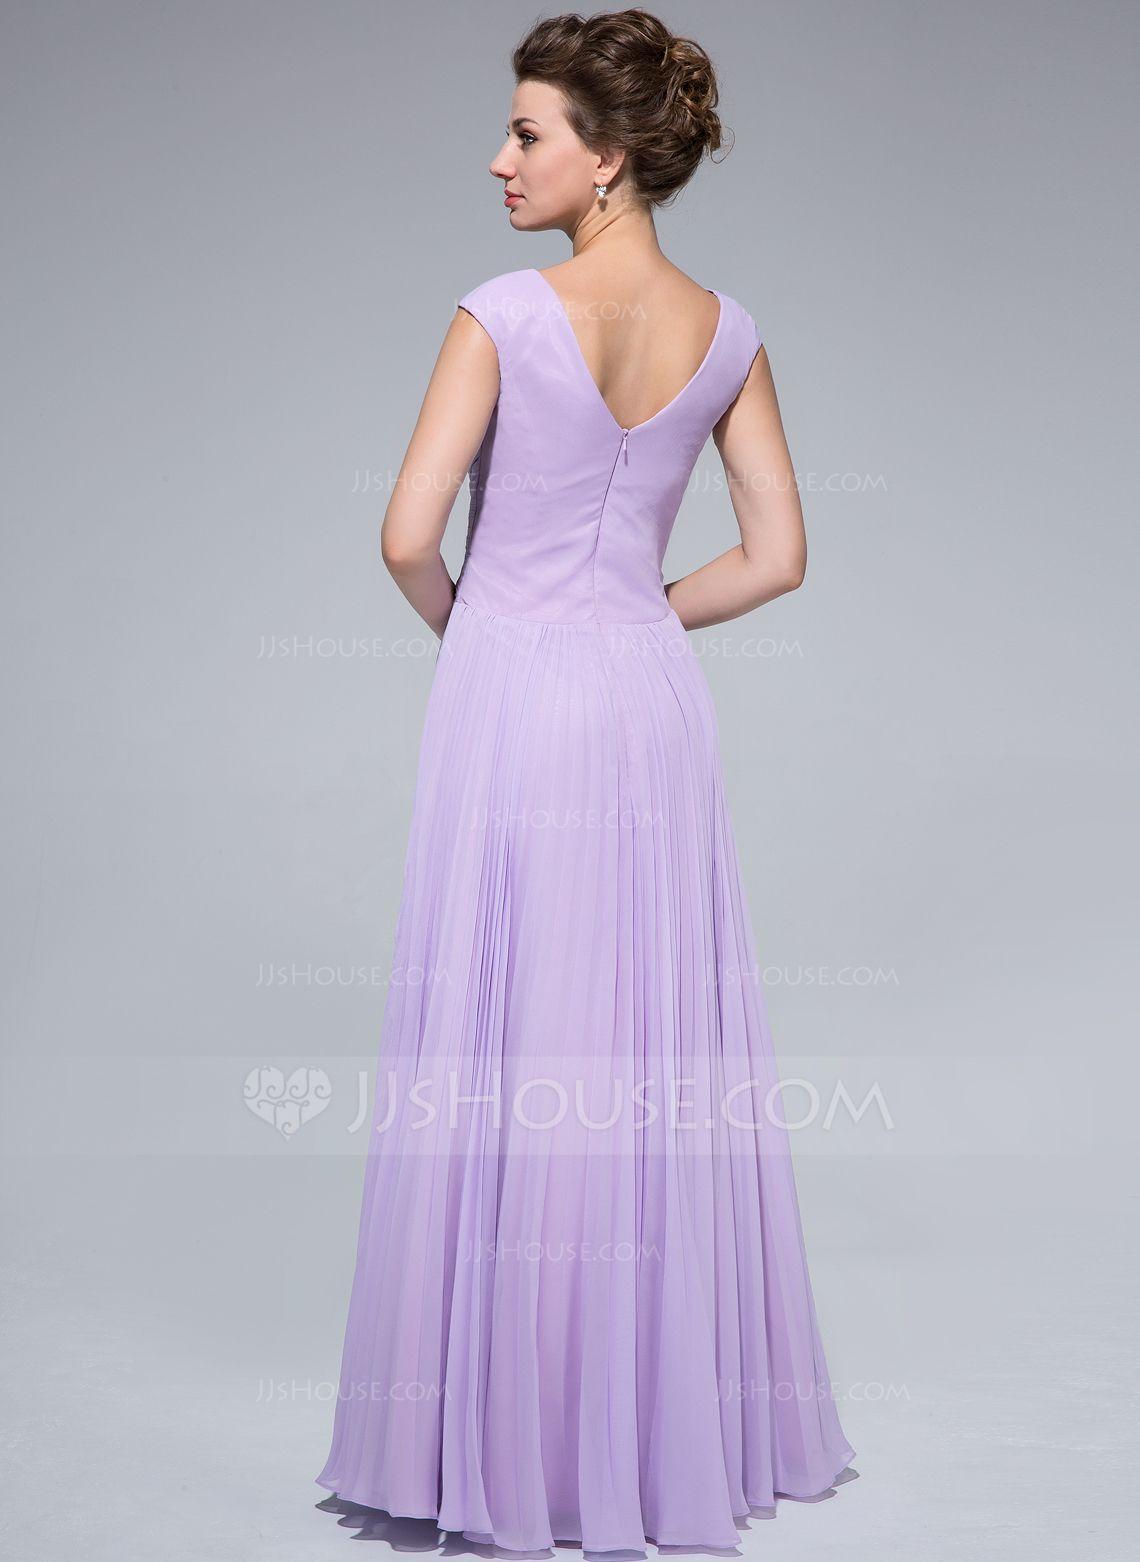 Moderno Vestido De Novia De Encaje De La Vendimia Reino Unido Imagen ...